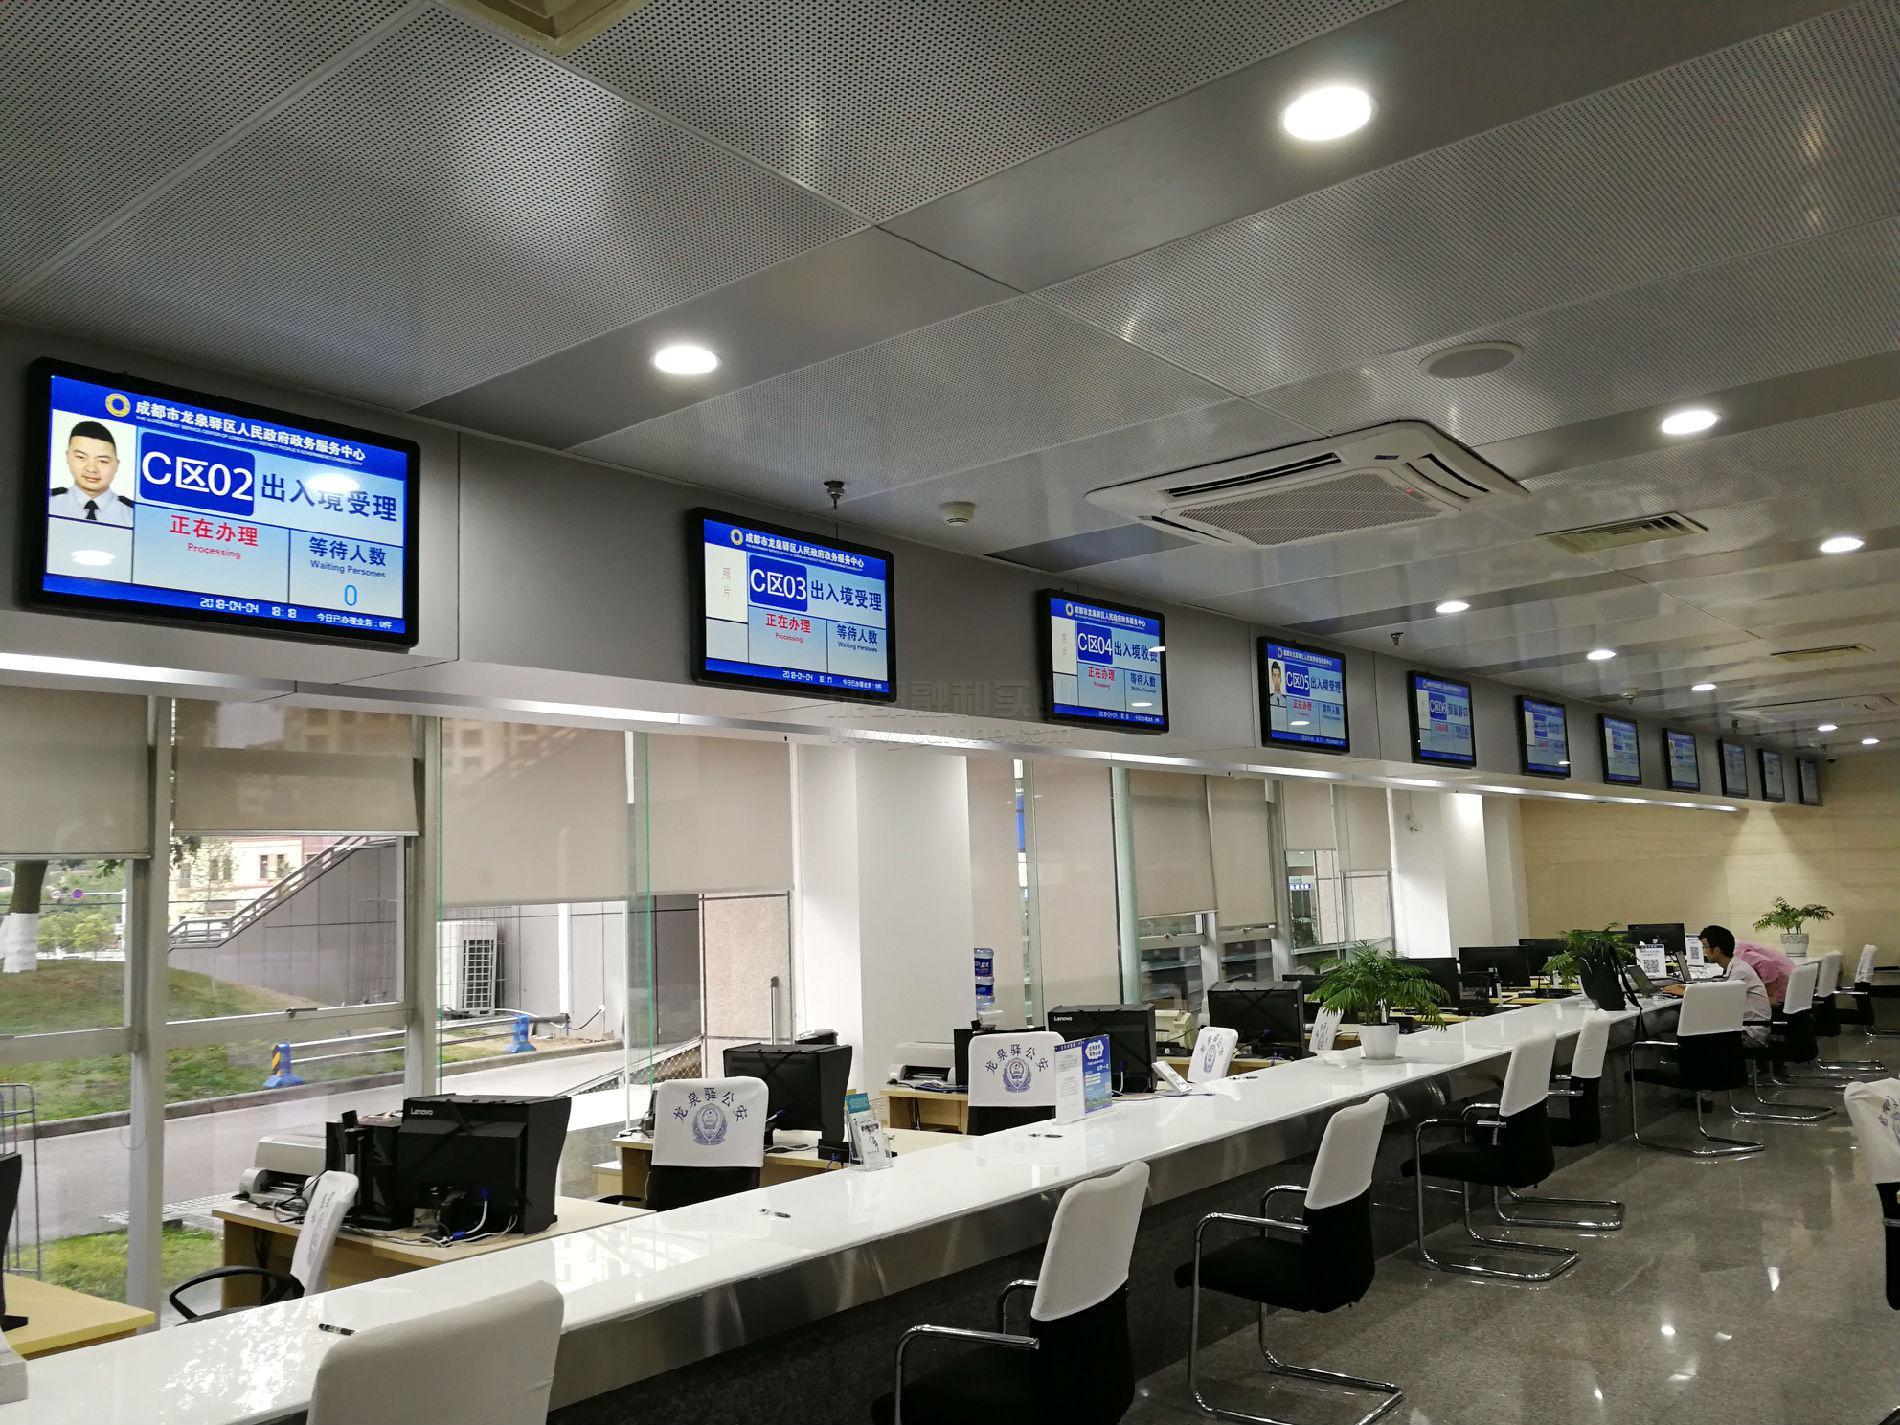 龙泉驿政务中心排队系统头顶显示